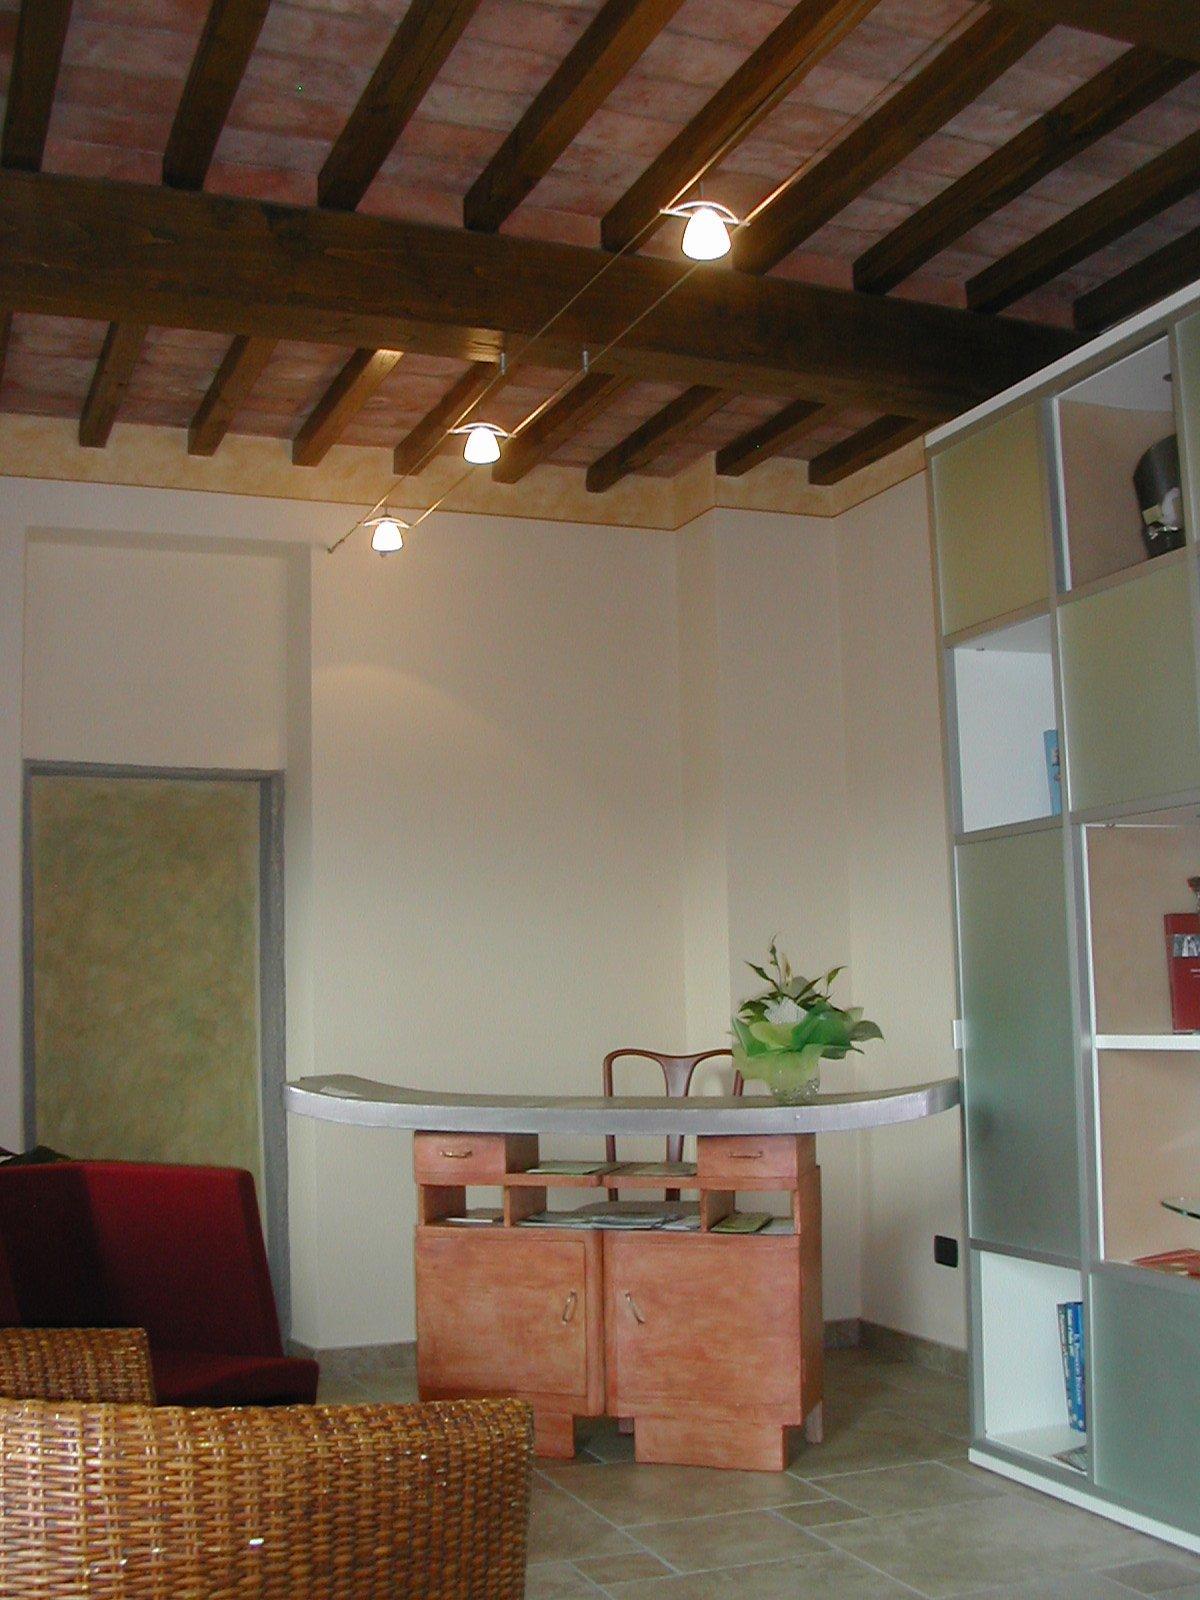 un tavolo con un vaso con sopra una pianta, un armadio bianco con ante colorate, una poltrona rossa e una di paglia